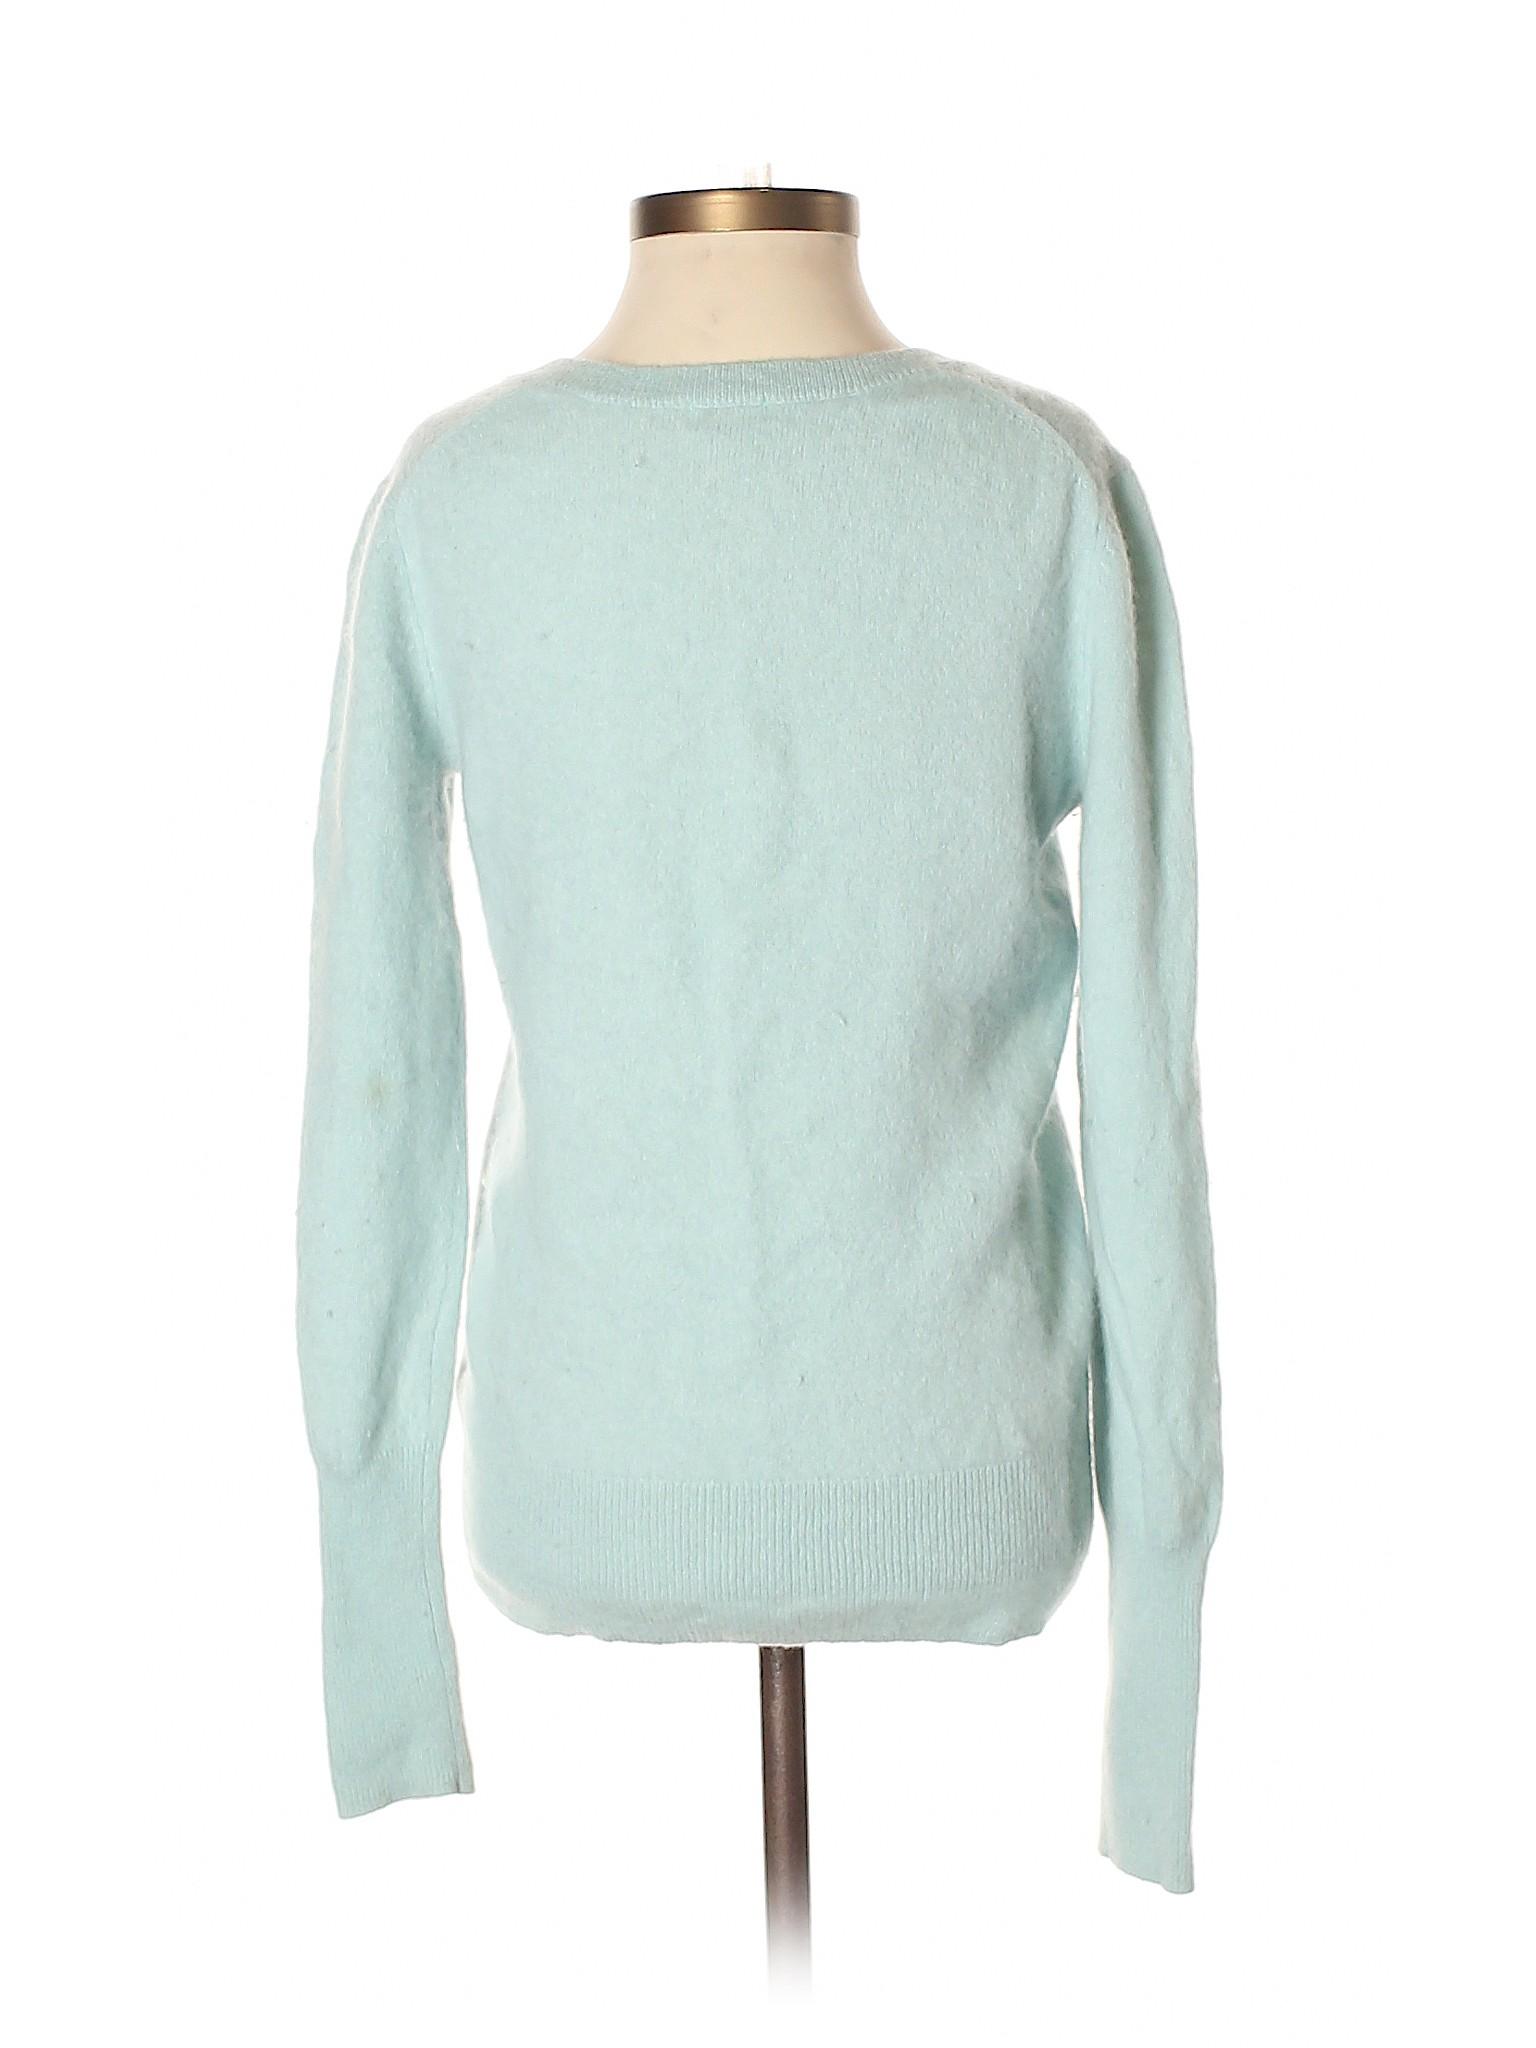 Boutique Cashmere Halogen Boutique Cashmere Pullover Pullover Boutique Halogen Sweater Sweater Tqw7BZnP